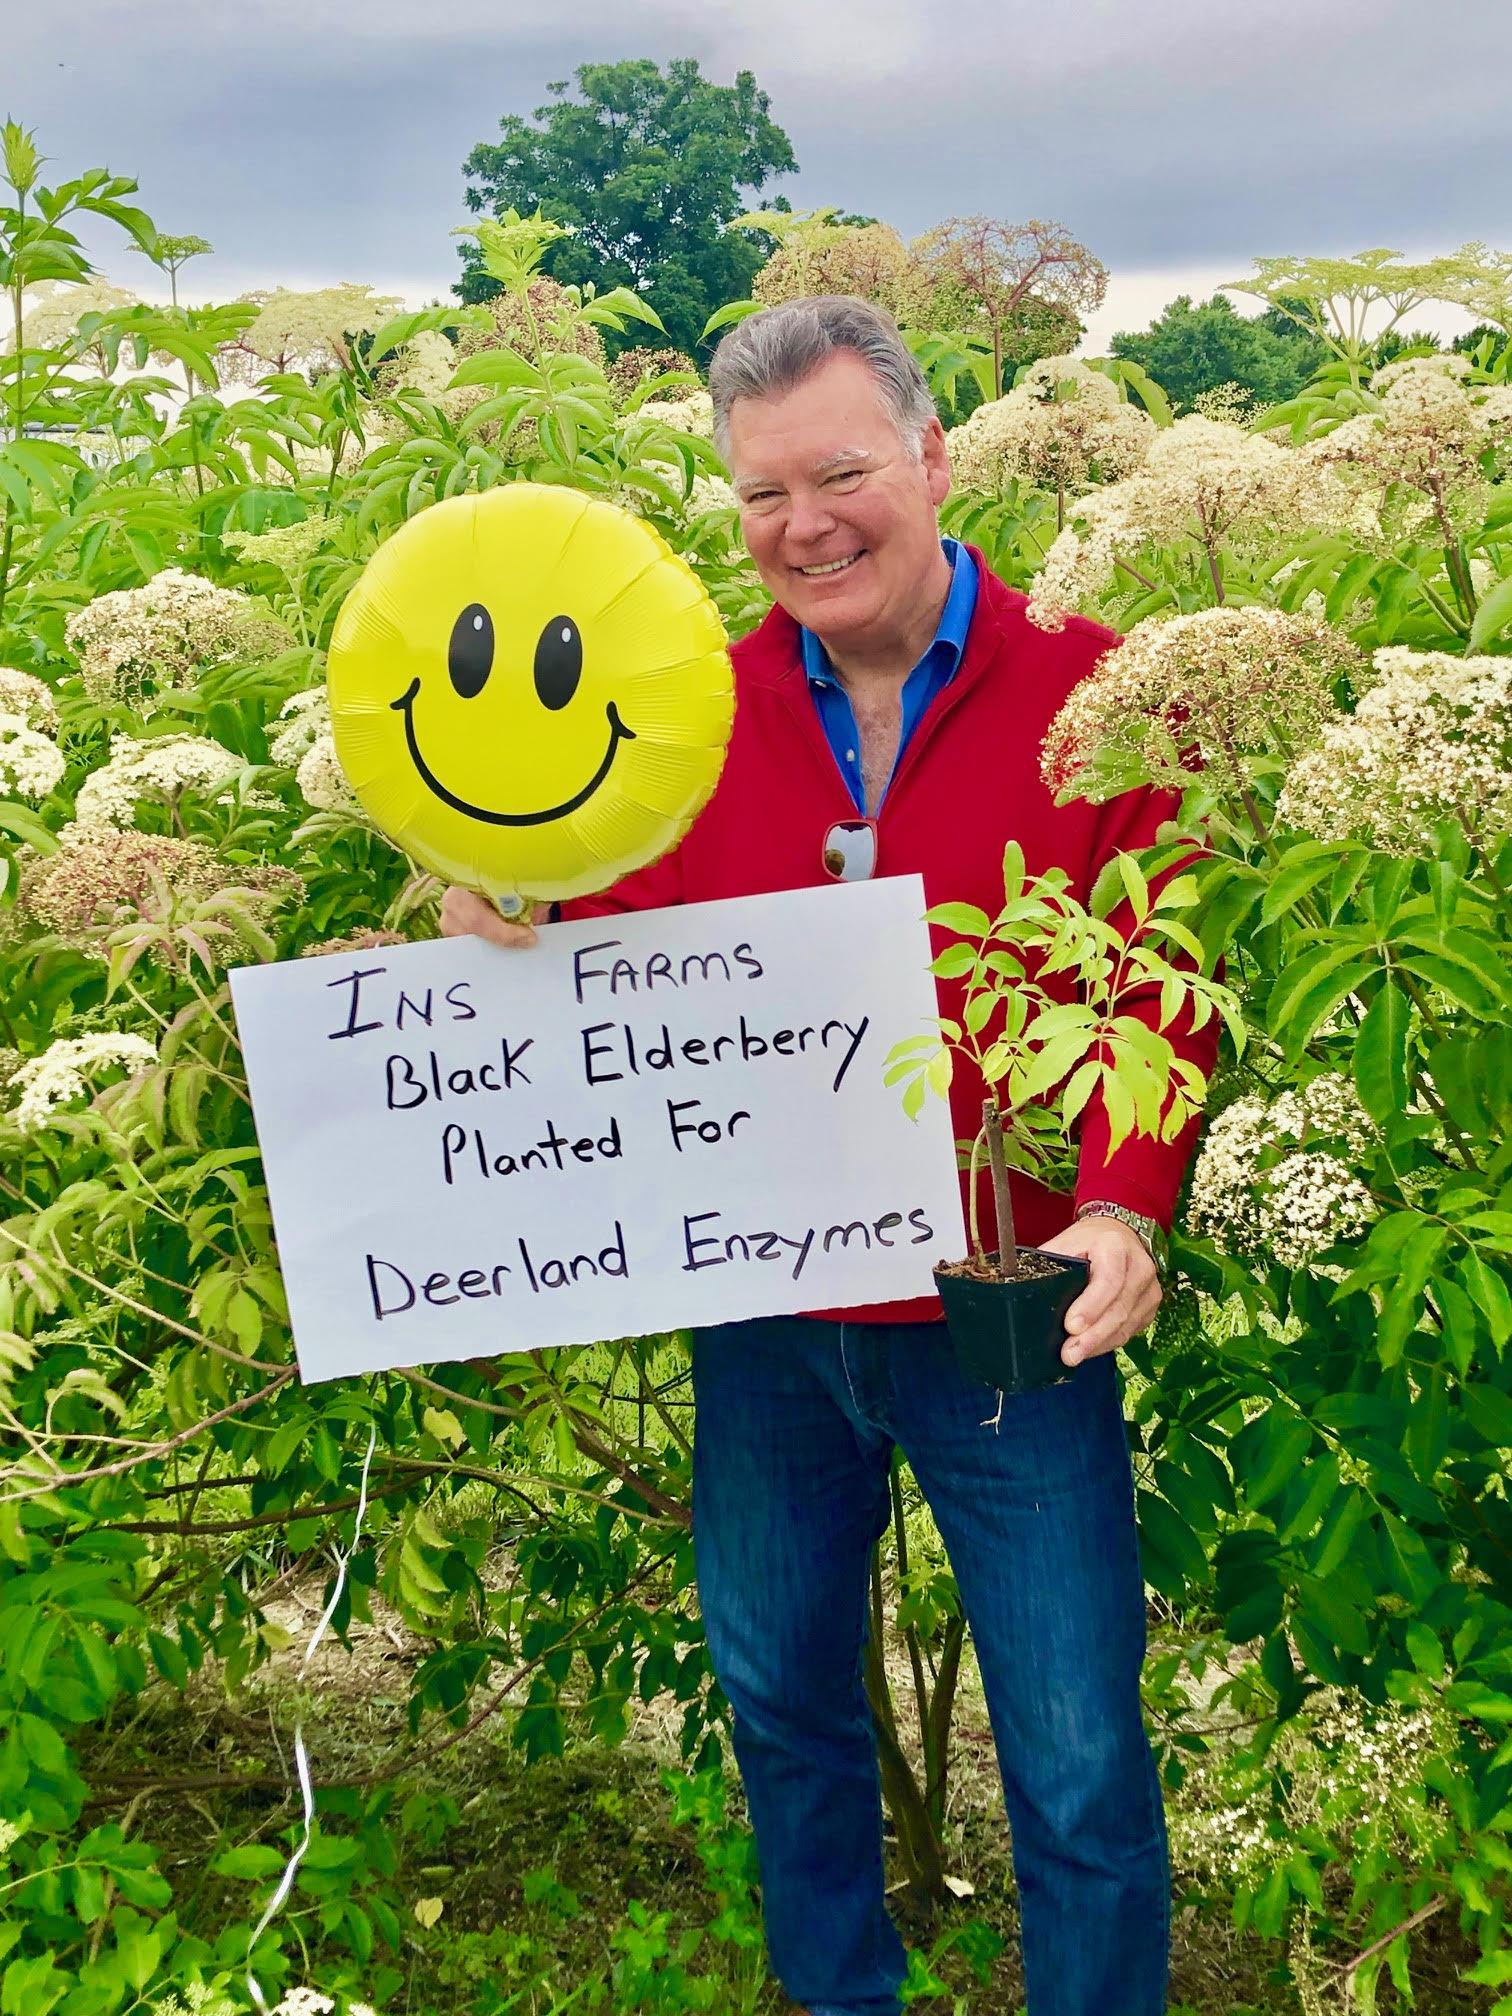 Plant-Elderberry-Deerland-Enzymes.jpg